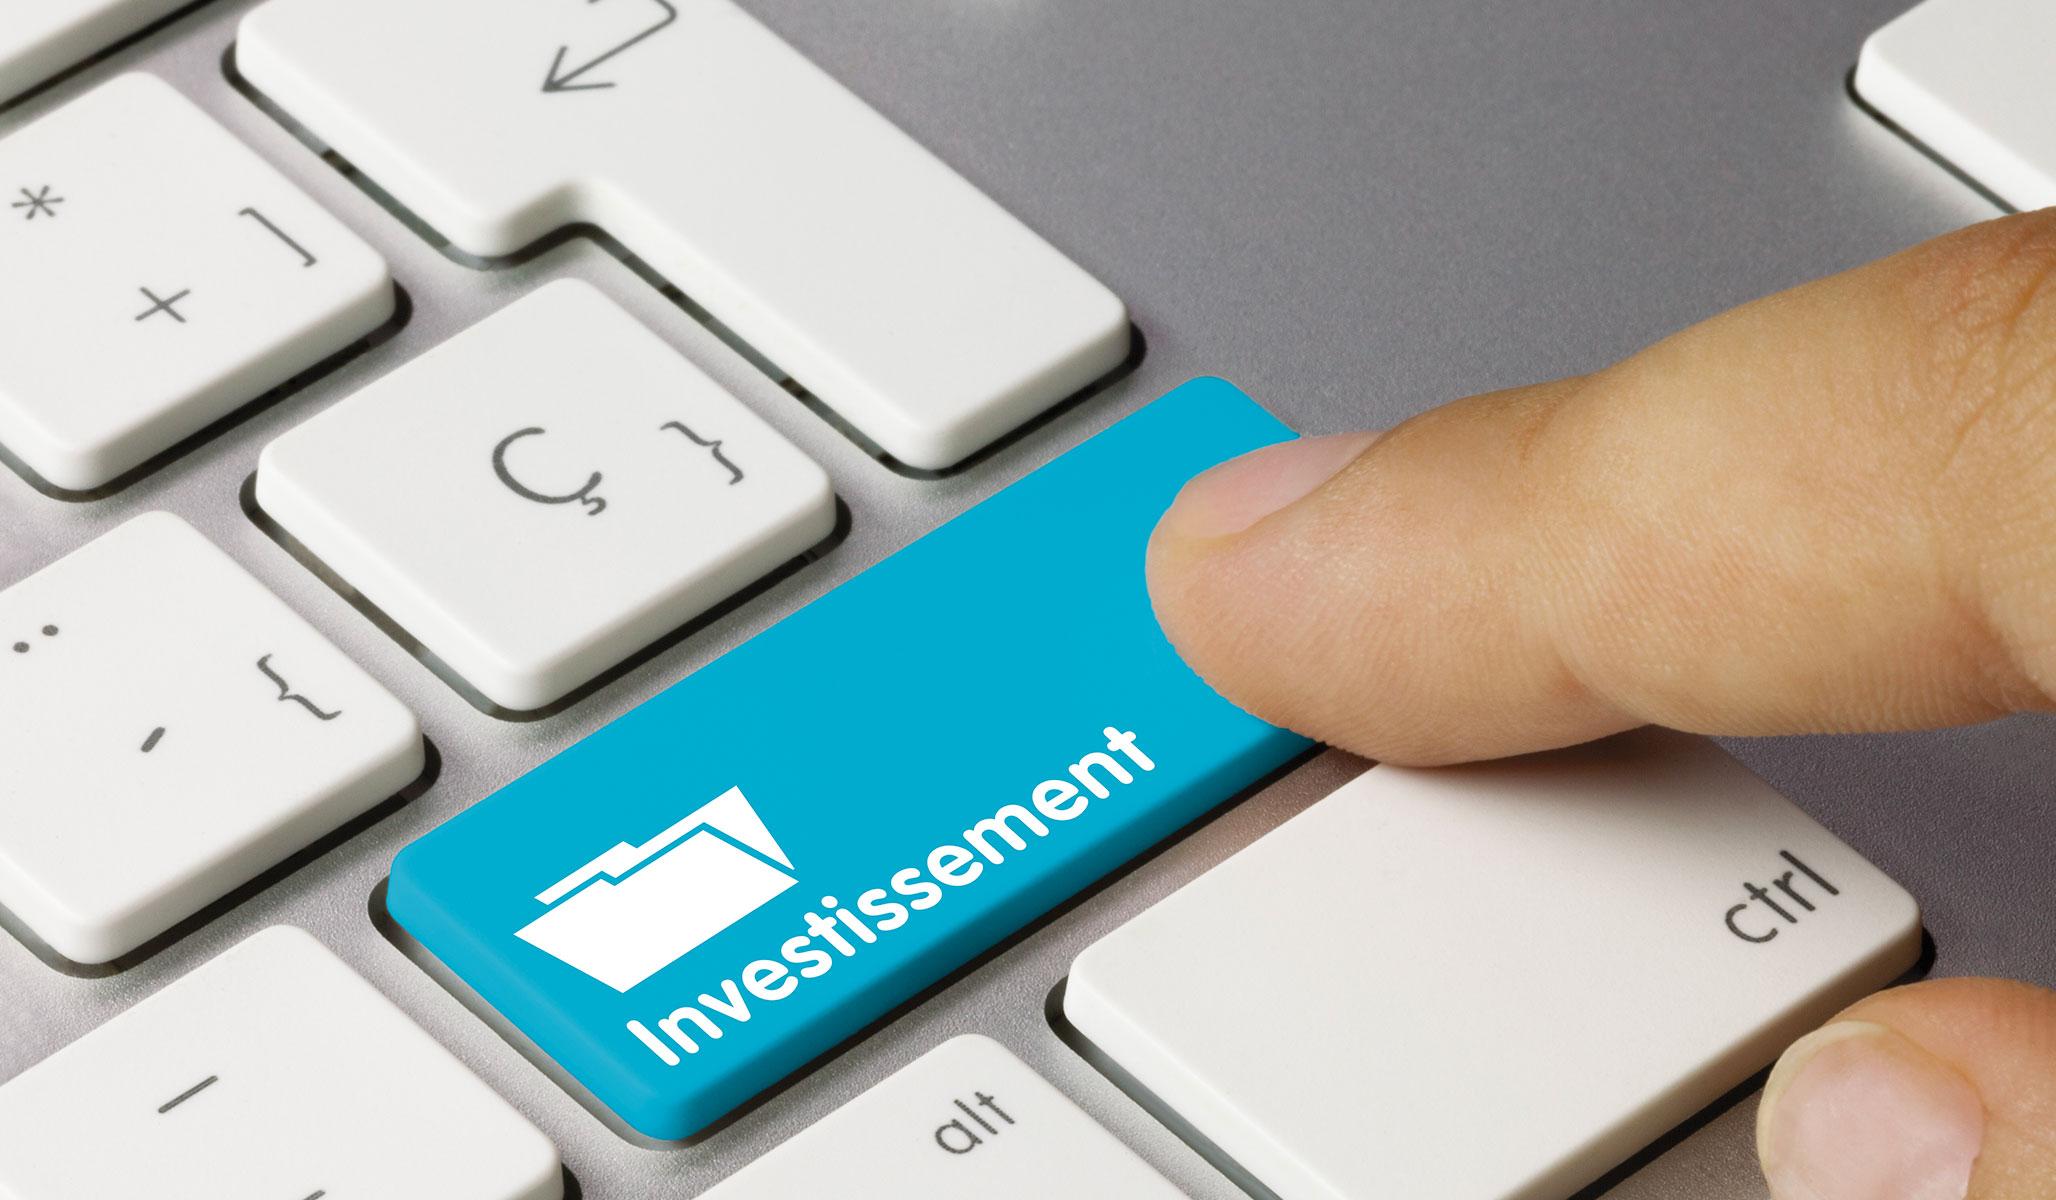 La Commission des investissements approuve 68 projets pour 57 Mds de DH